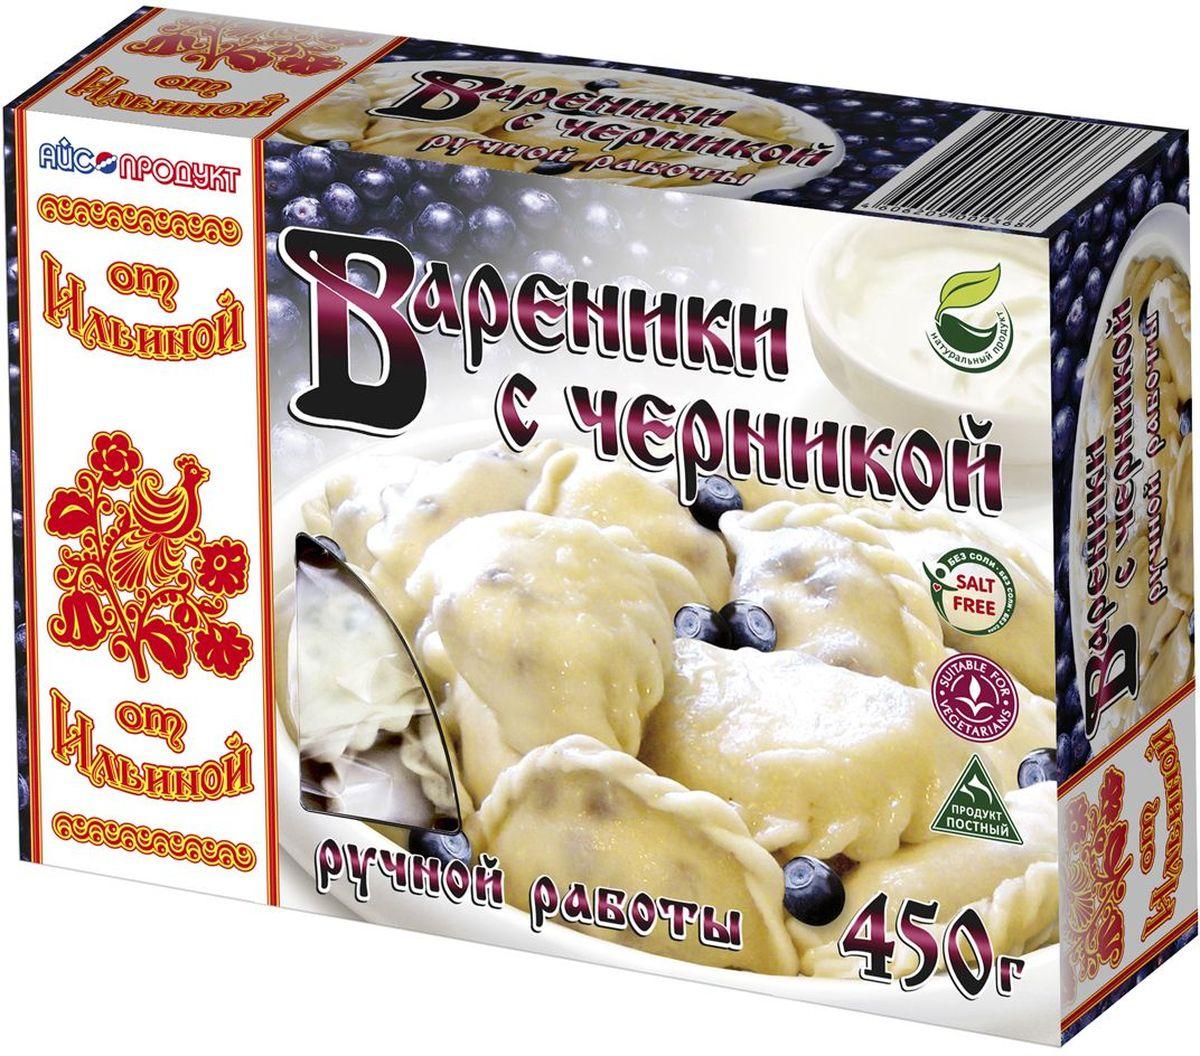 От Ильиной Вареники с черникой, ручной работы, 450 г домашние вареники пельмени лапша лазанья галушки и другие вкусности